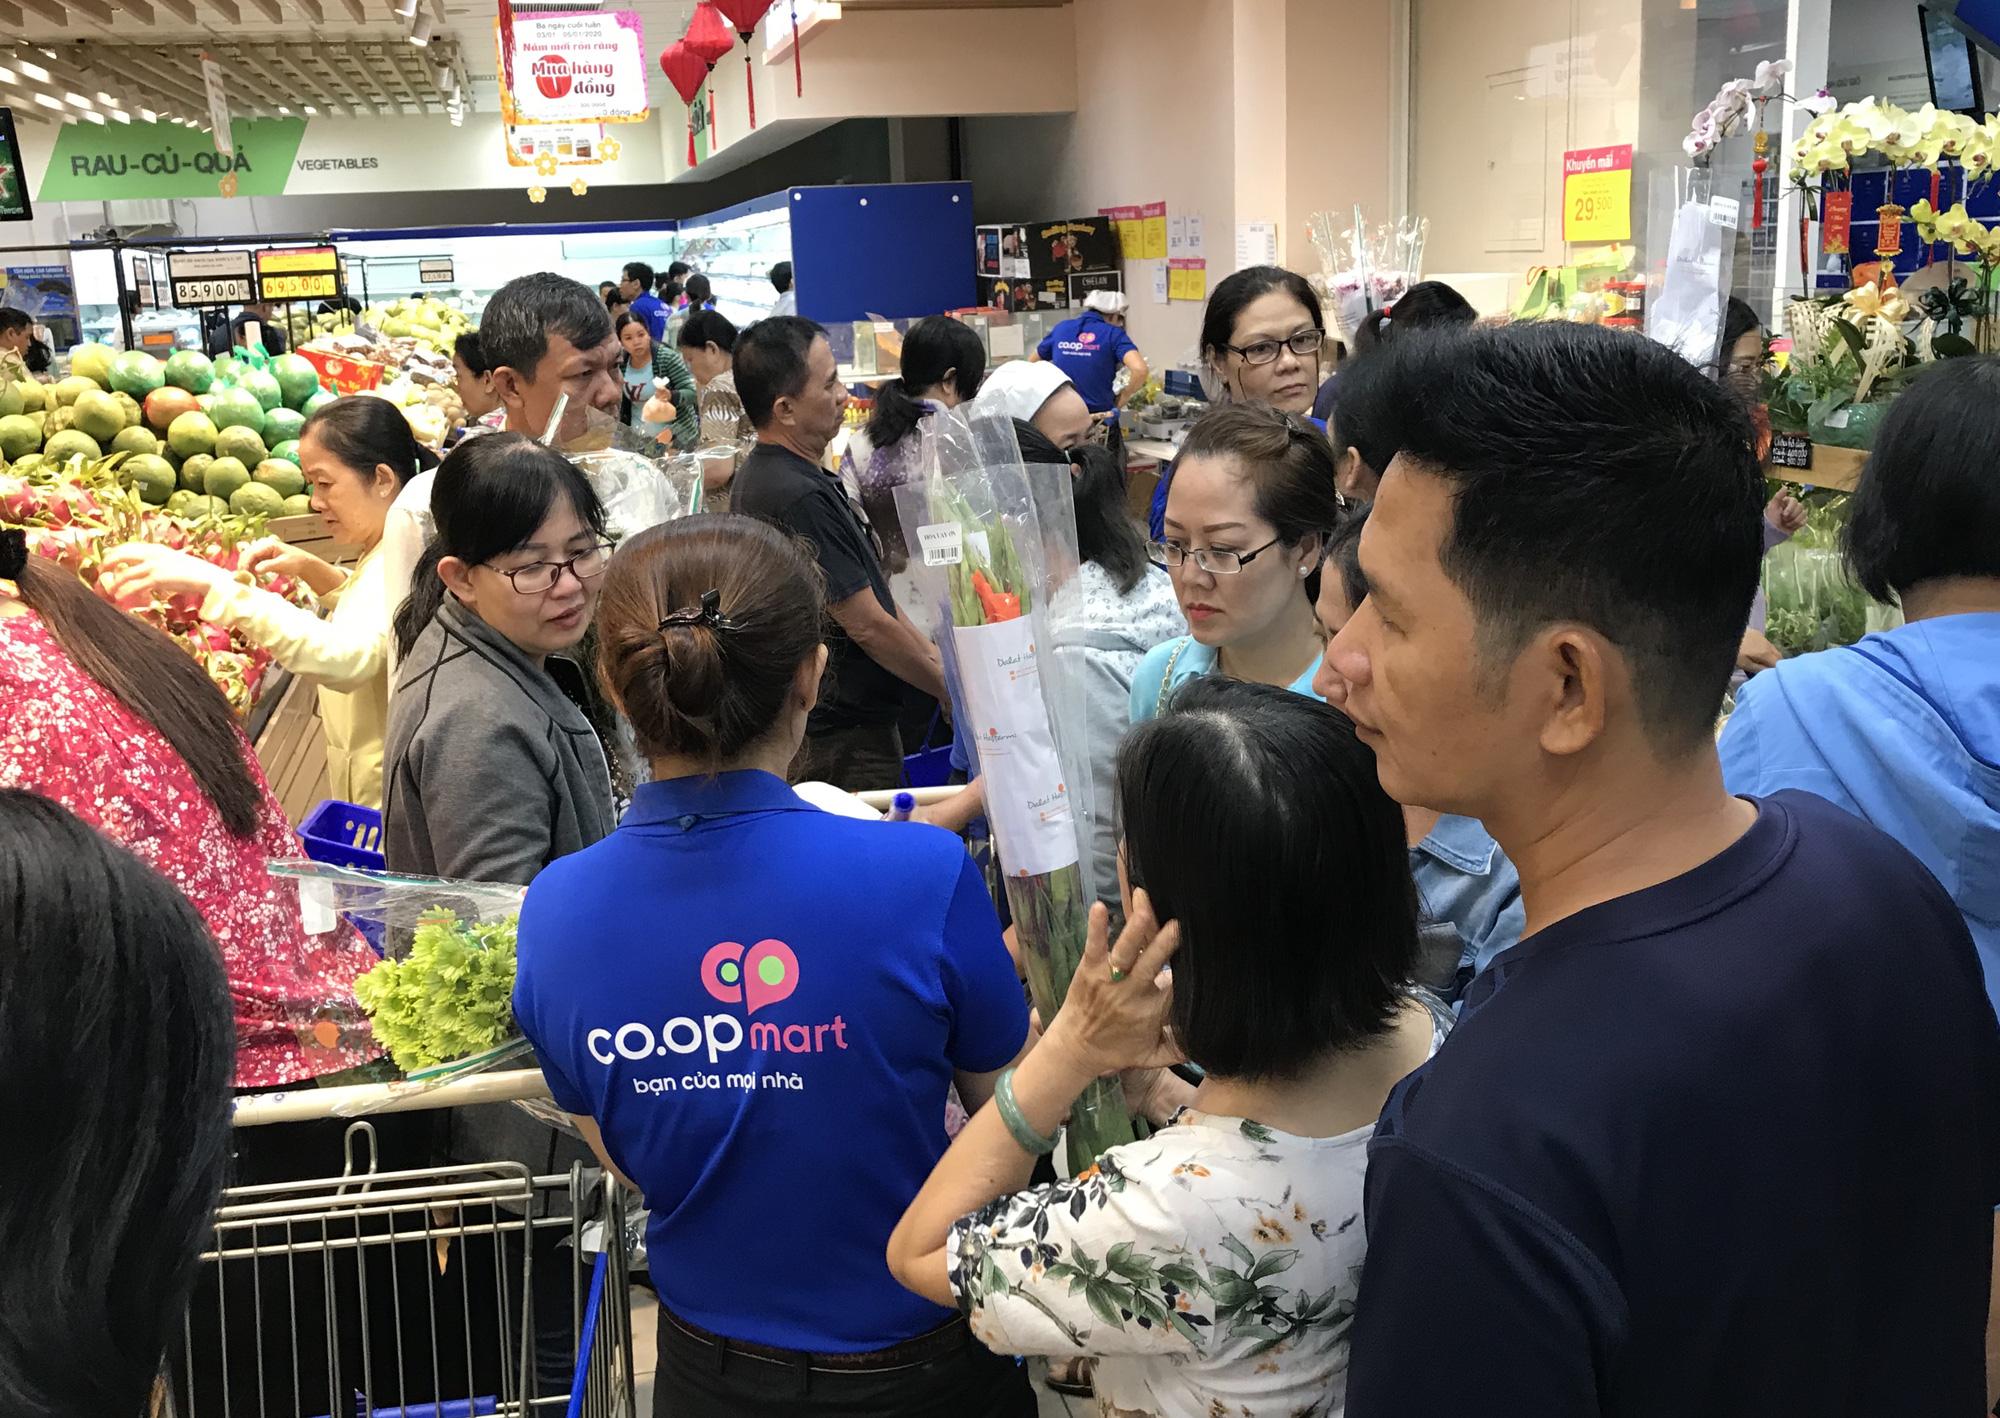 Người Sài Gòn vét siêu thị sáng 30 Tết, rau muống, tía tô, sữa chua, thịt heo đều hết sạch - Ảnh 1.